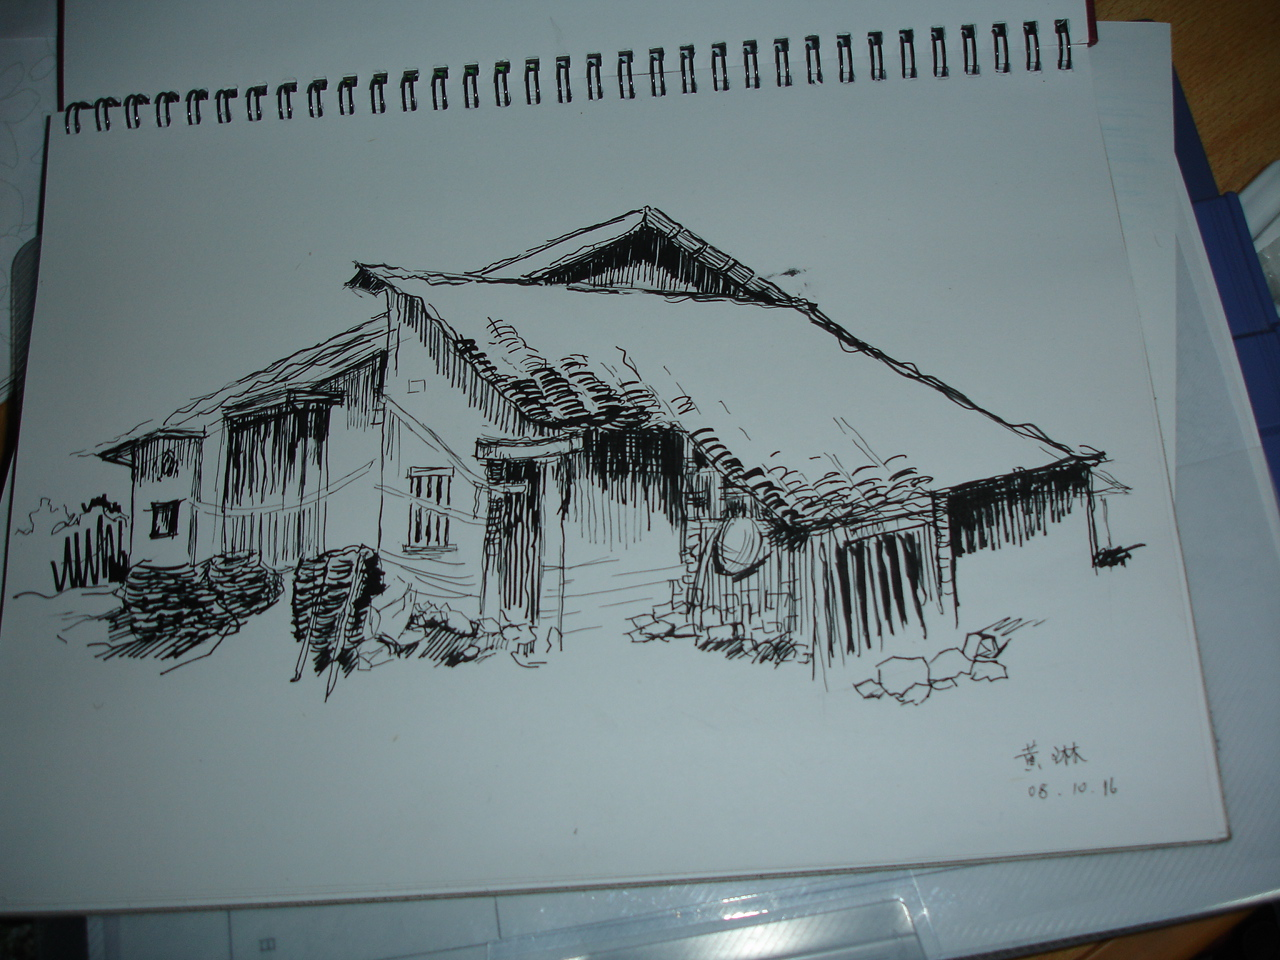 钢笔画速写之近期建筑线稿风景速写建筑钢笔画临摹_建筑图片说明